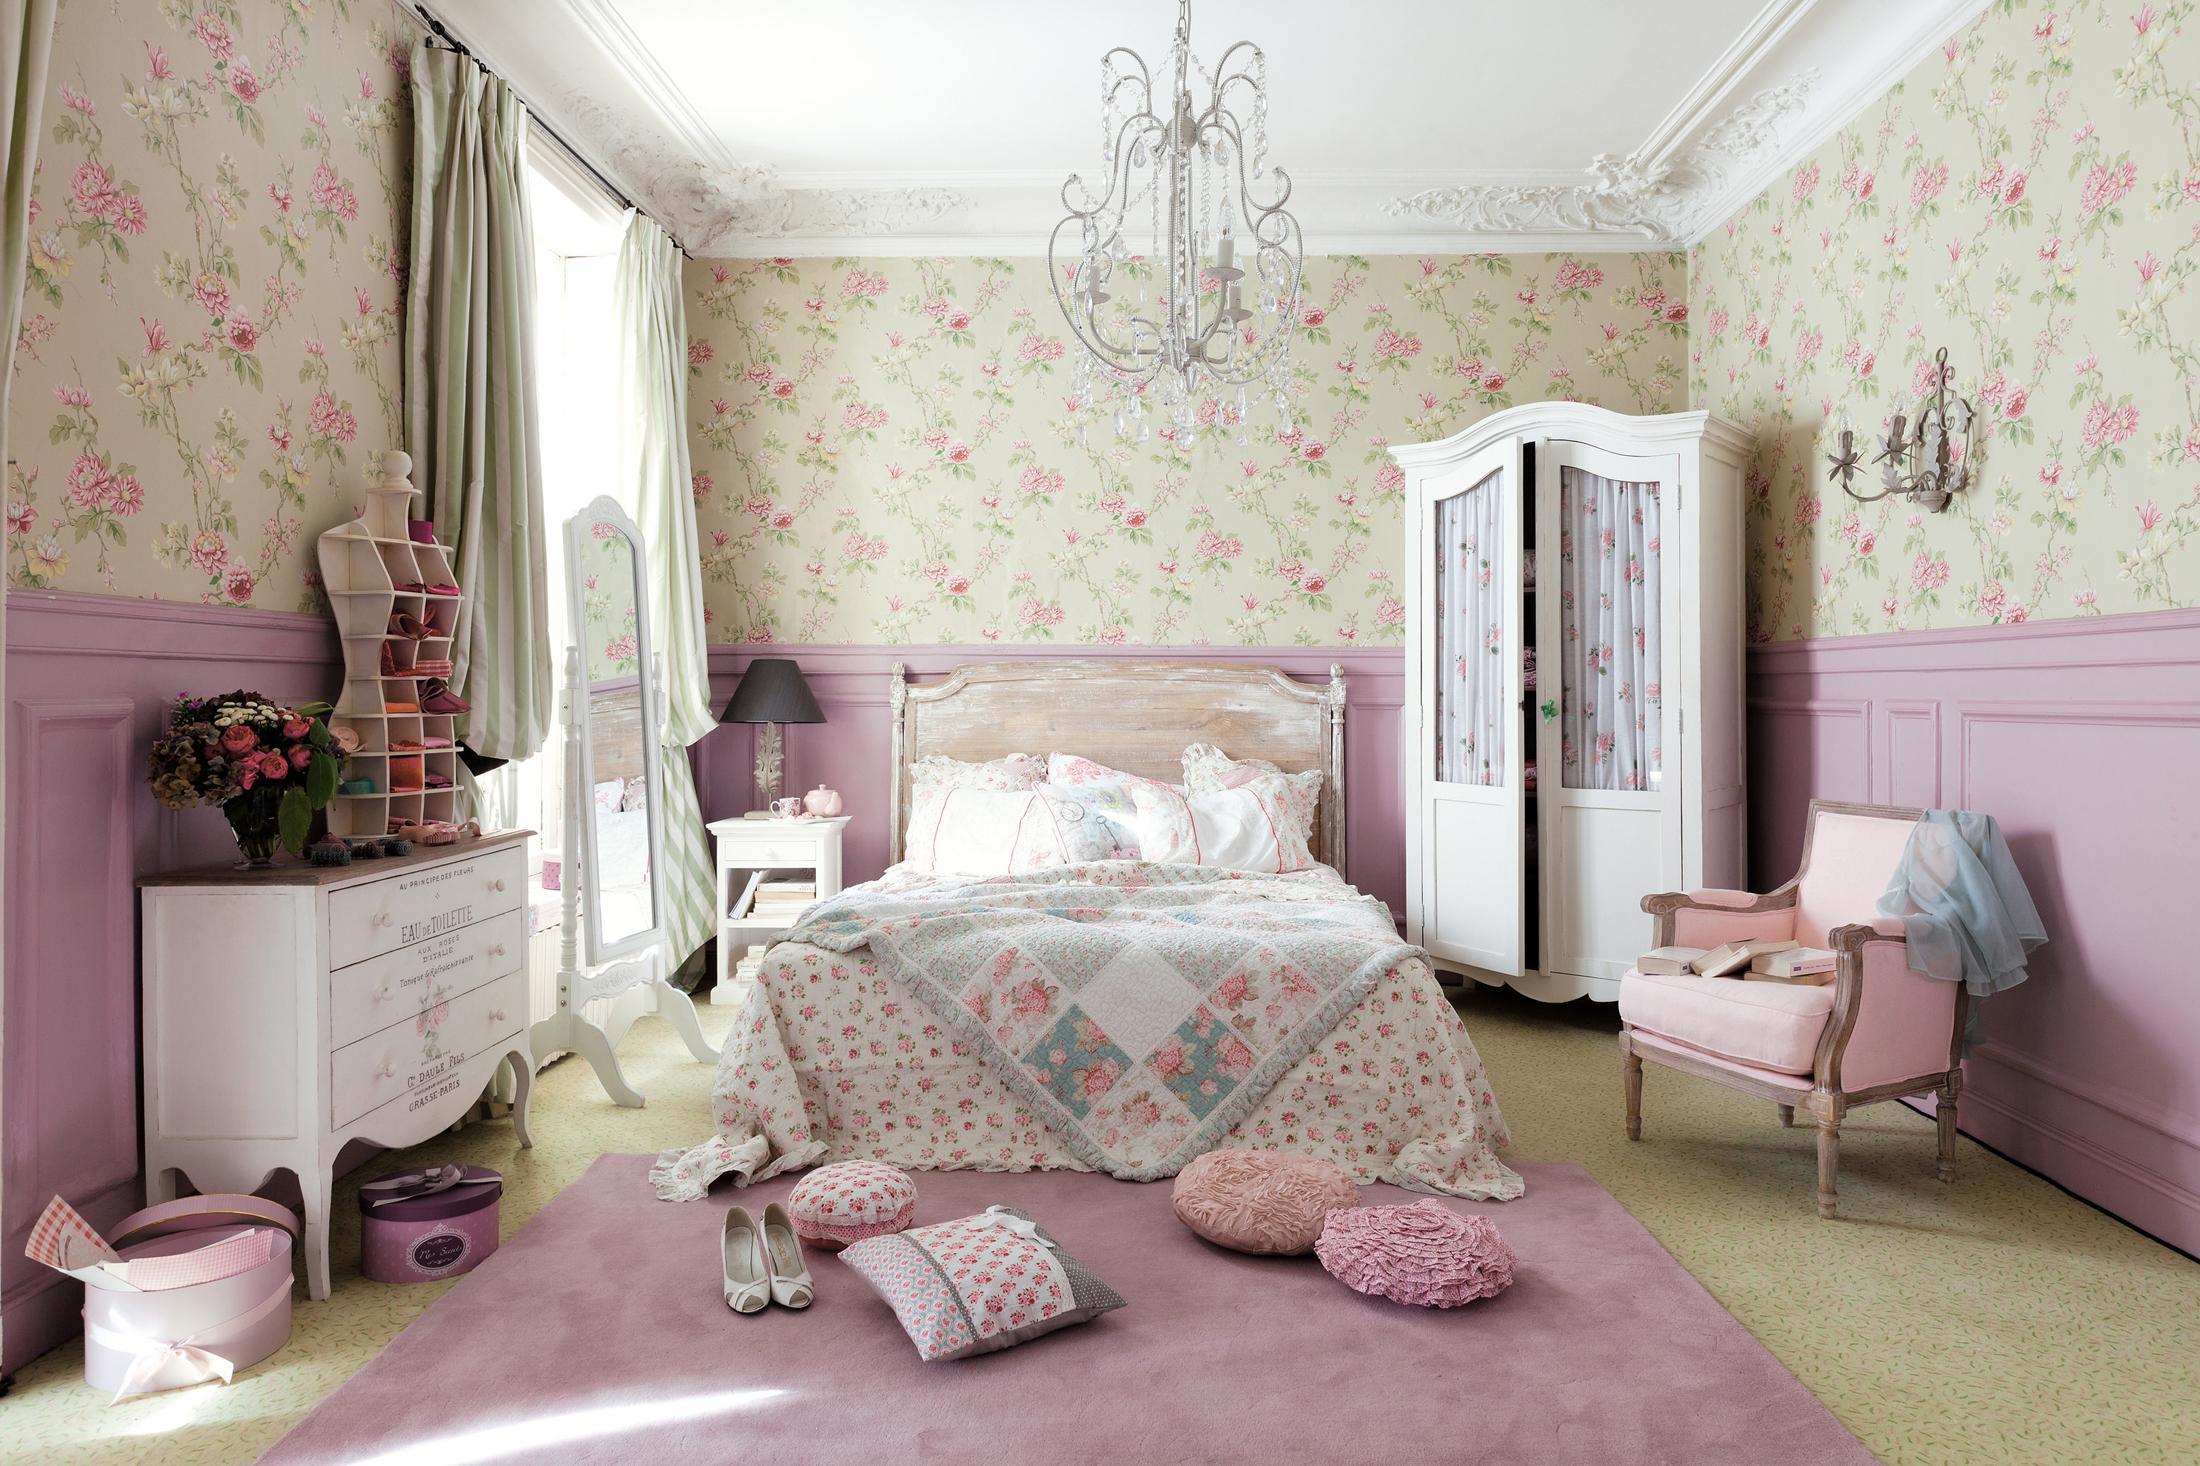 Blumenmuster Im Rosafarbenen Schlafzimmer #kronleuchter #wandgestaltung  #rosawandfarbe ©Maisons Du Monde